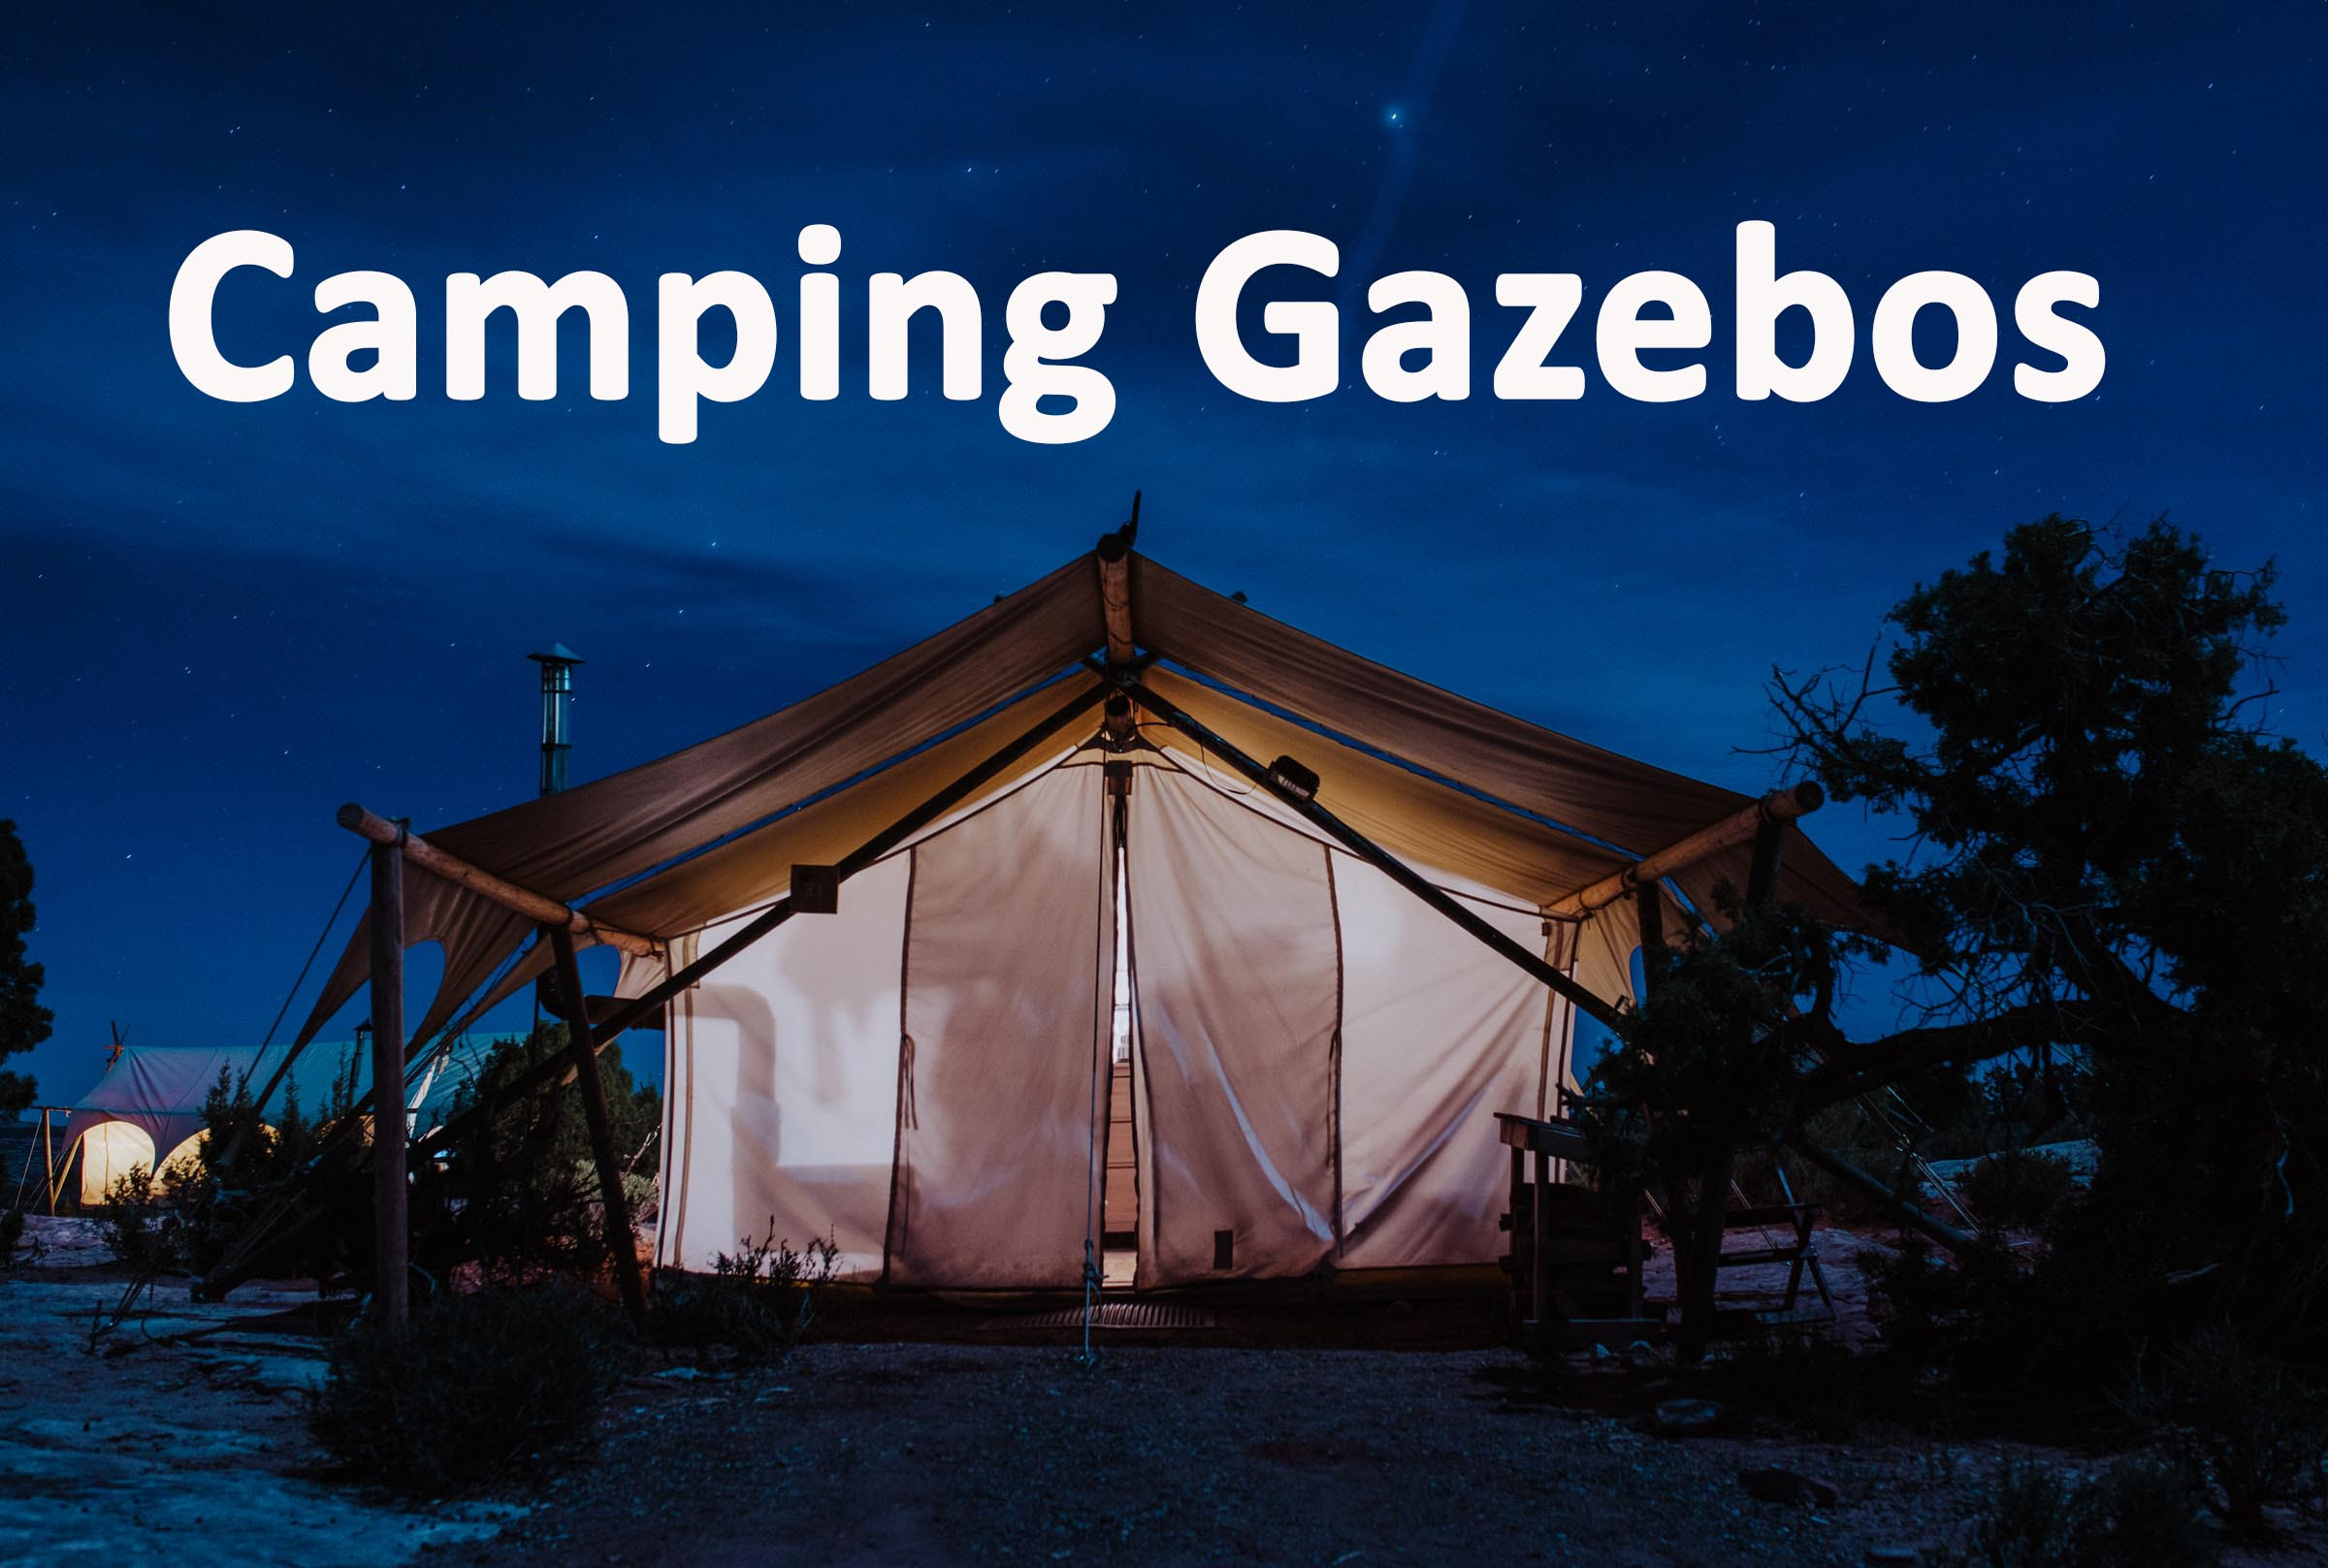 Camping gazebos